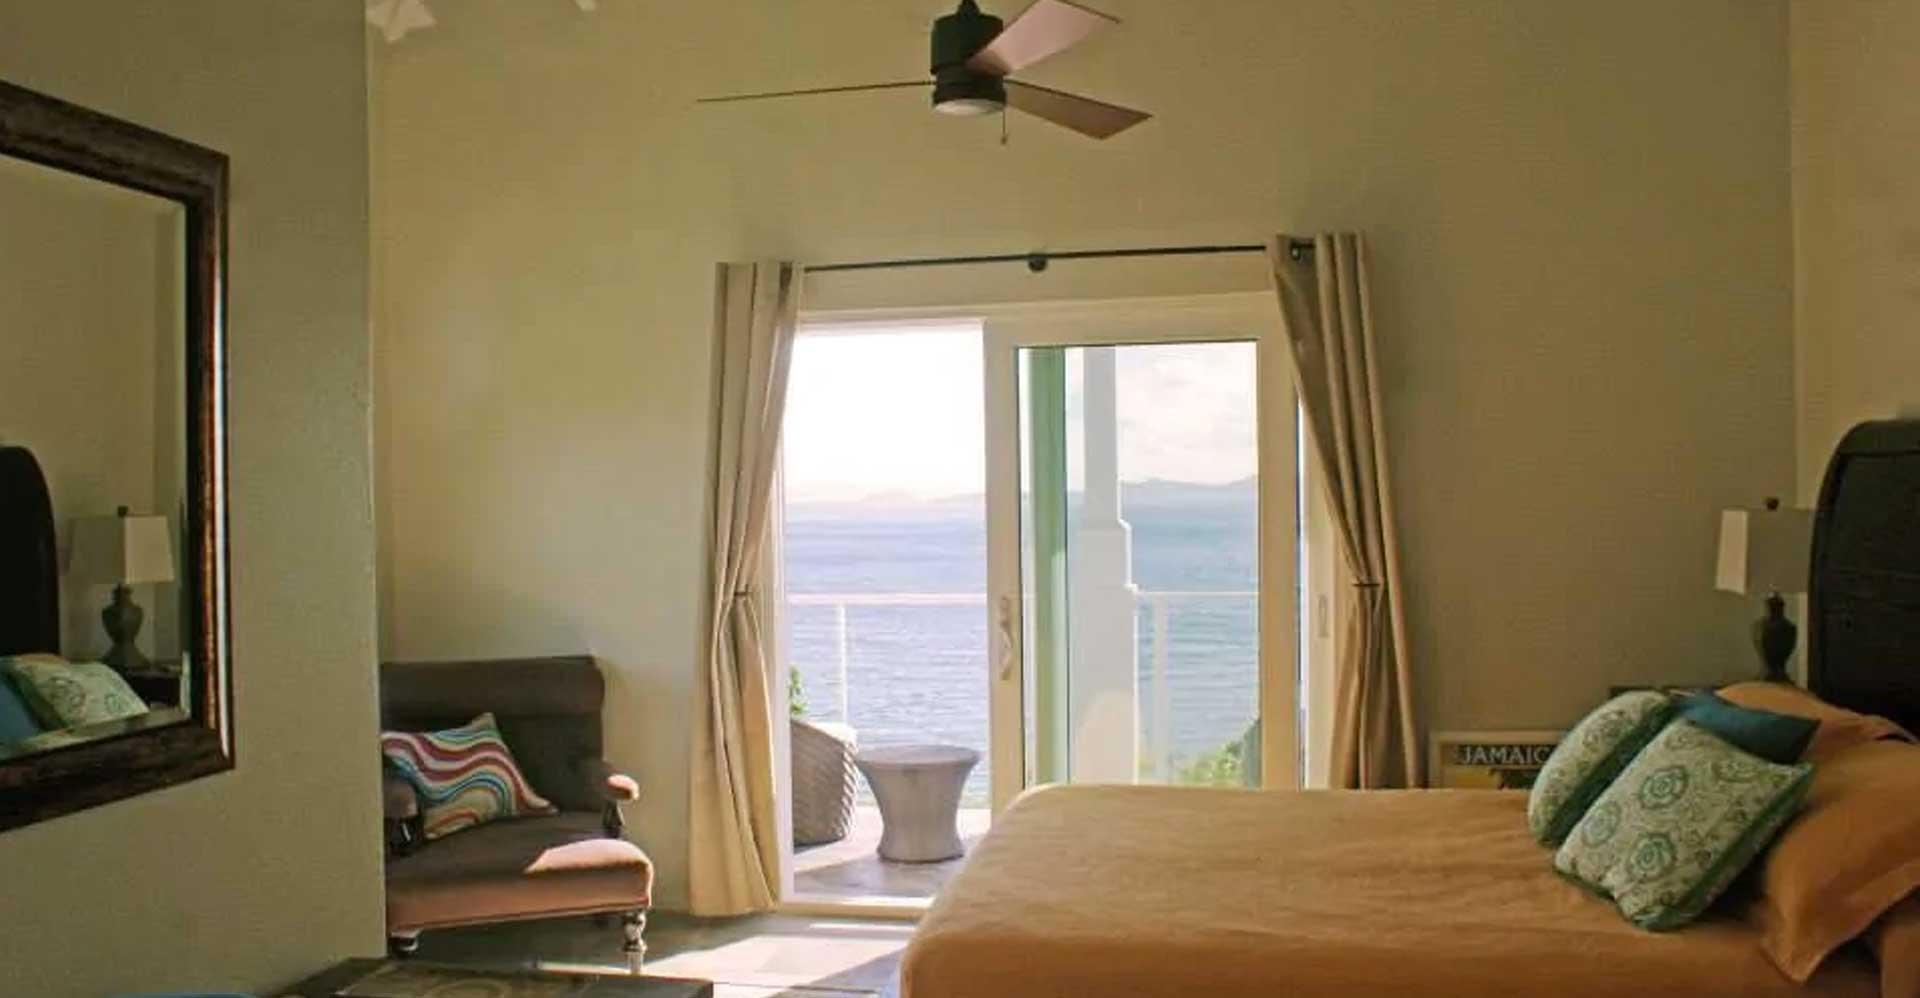 alice-by-the-sea-villa-bedroom-03-view